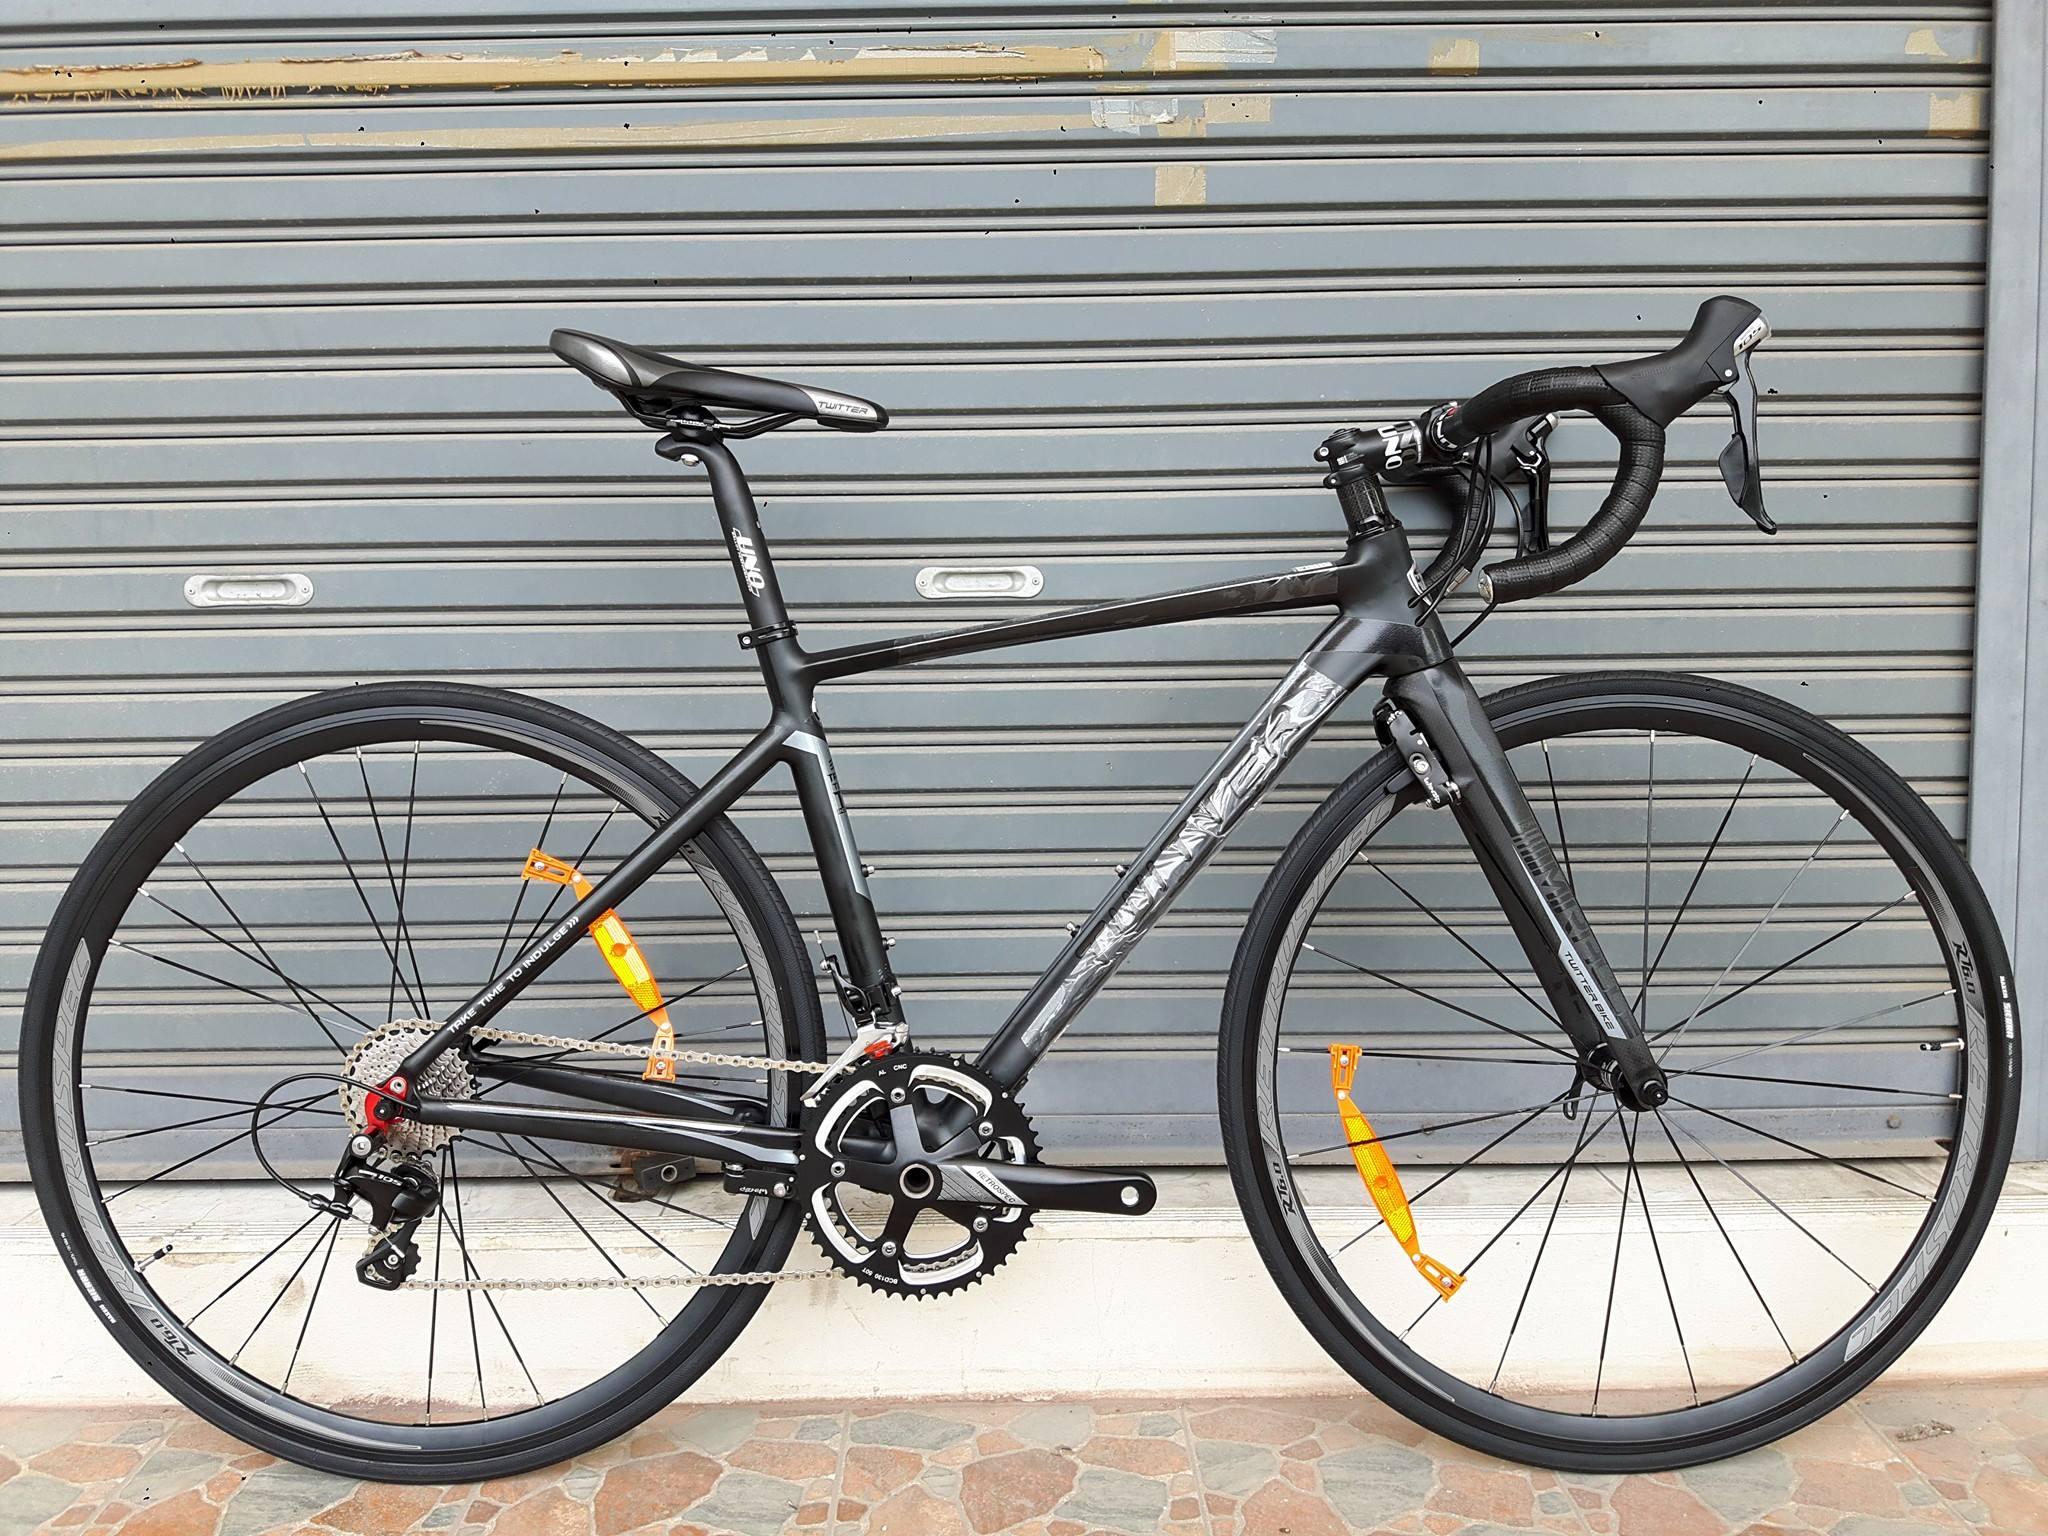 จักรยานเสือหมอบ Twitter รุ่น Miracle สีดำล้วน เฟรมอลูมิเนียม ซ่อนสาย ลบรอยเชื่อม ชุดขับ Shimano 105 x 22 Speed น้ำหนัก 8.4 กิโลกรัม เบรคซ่อนหลัง Winzip (Taiwan)